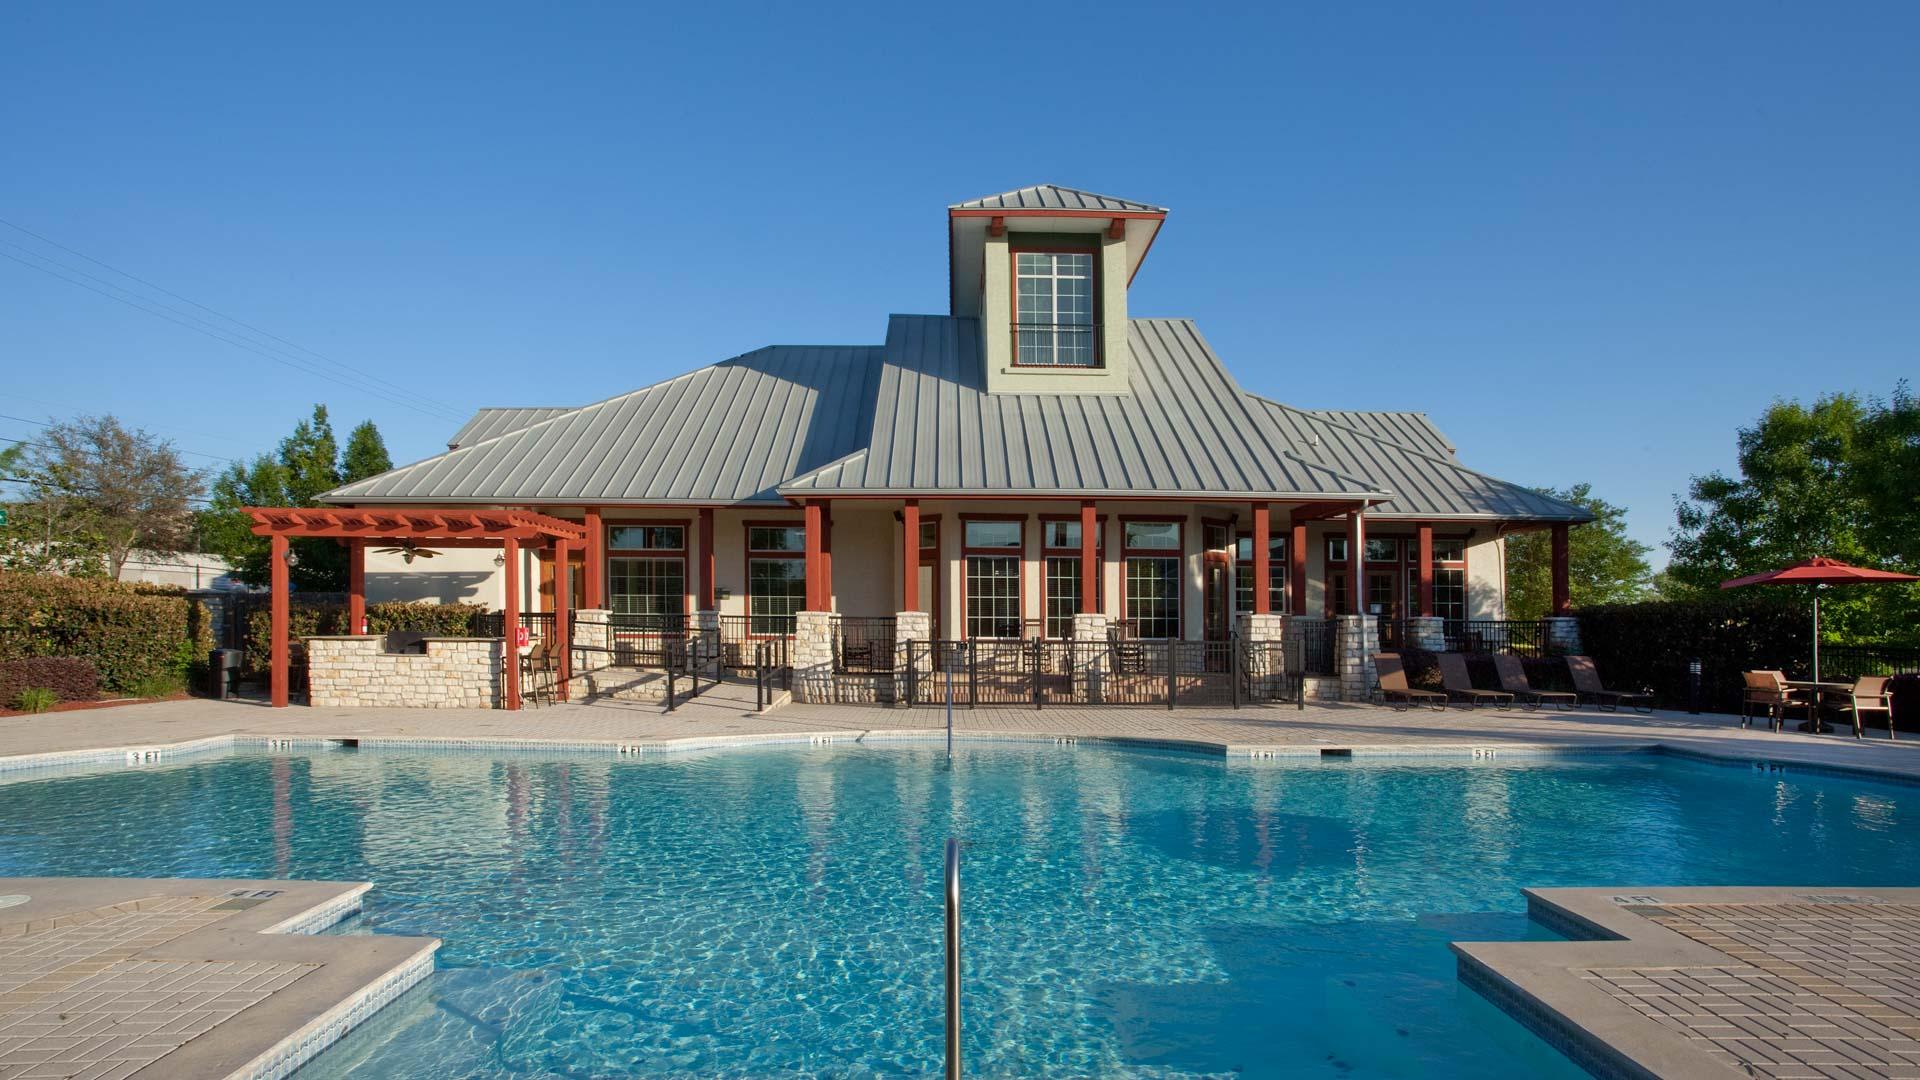 Pool view at springs at live oak